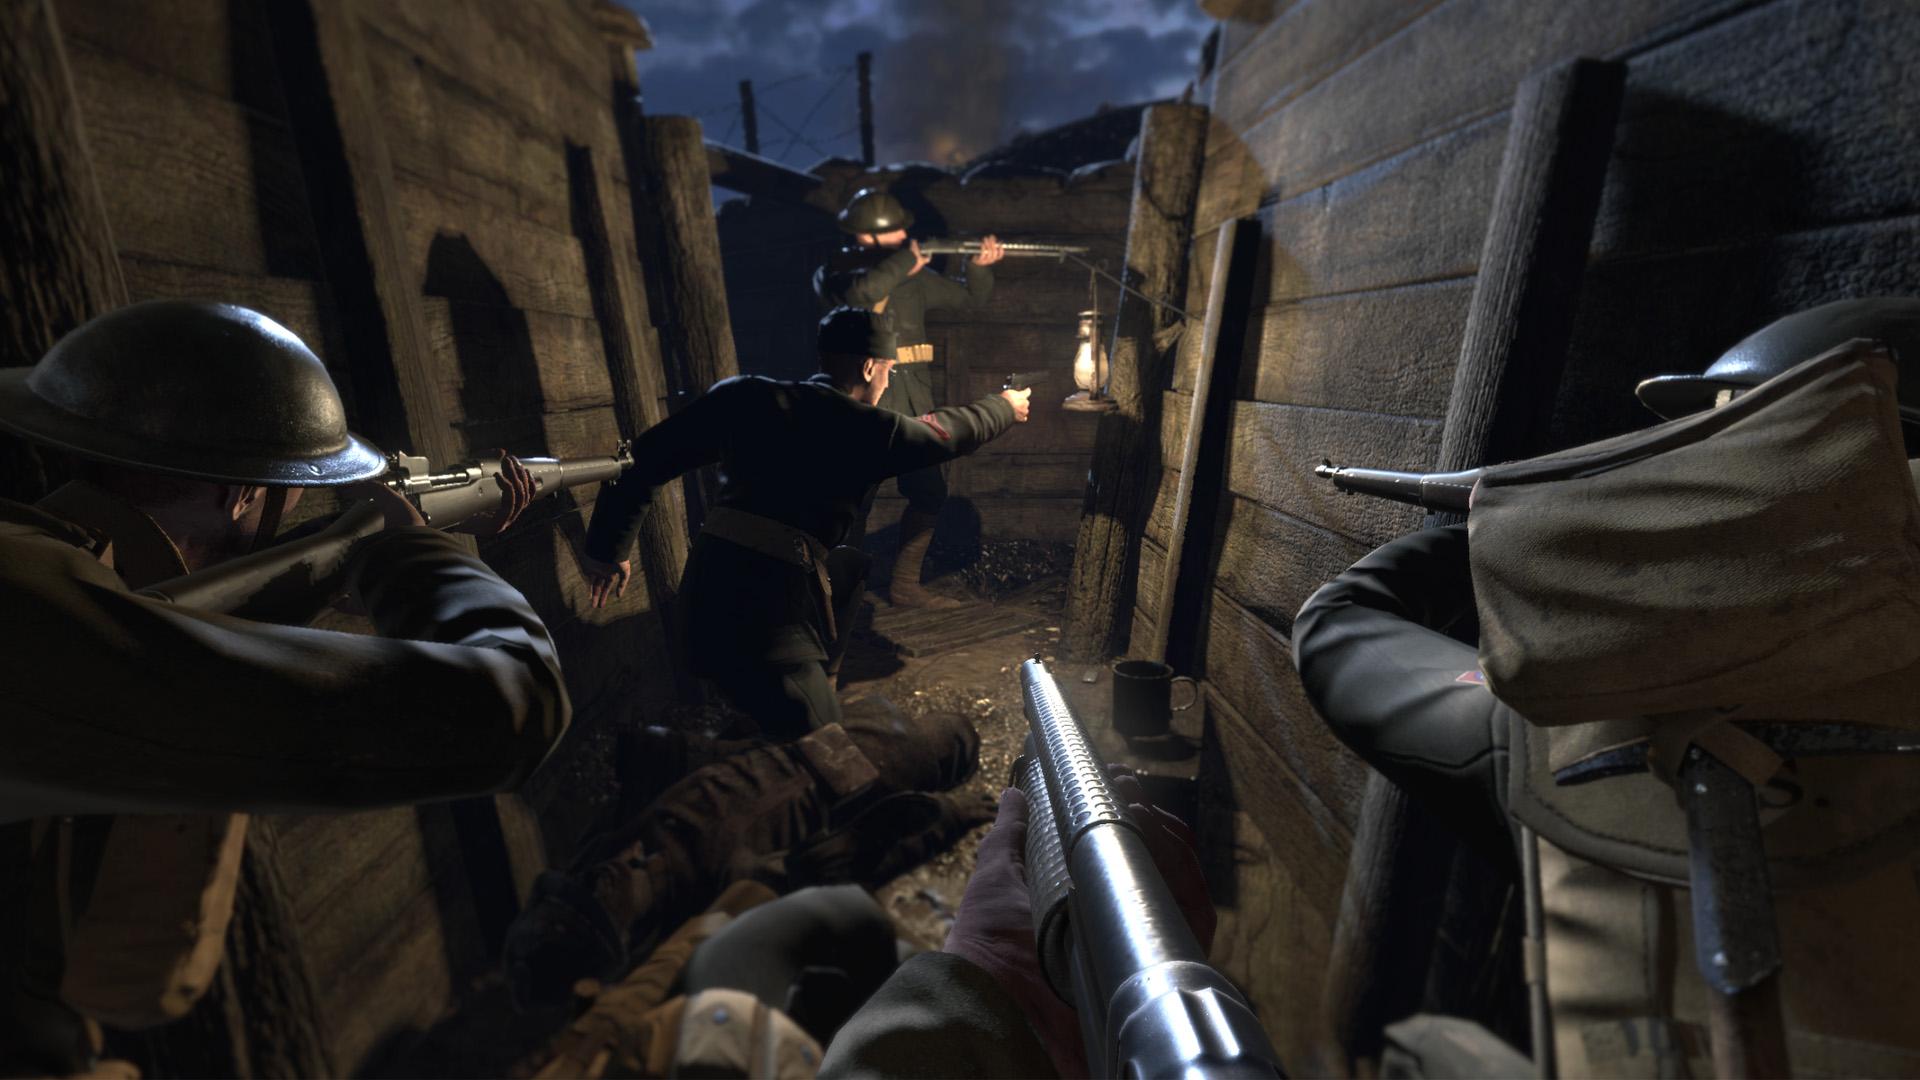 WWI shooter Verdun and Defense Grid: Awakening free on Epic Games Store next week